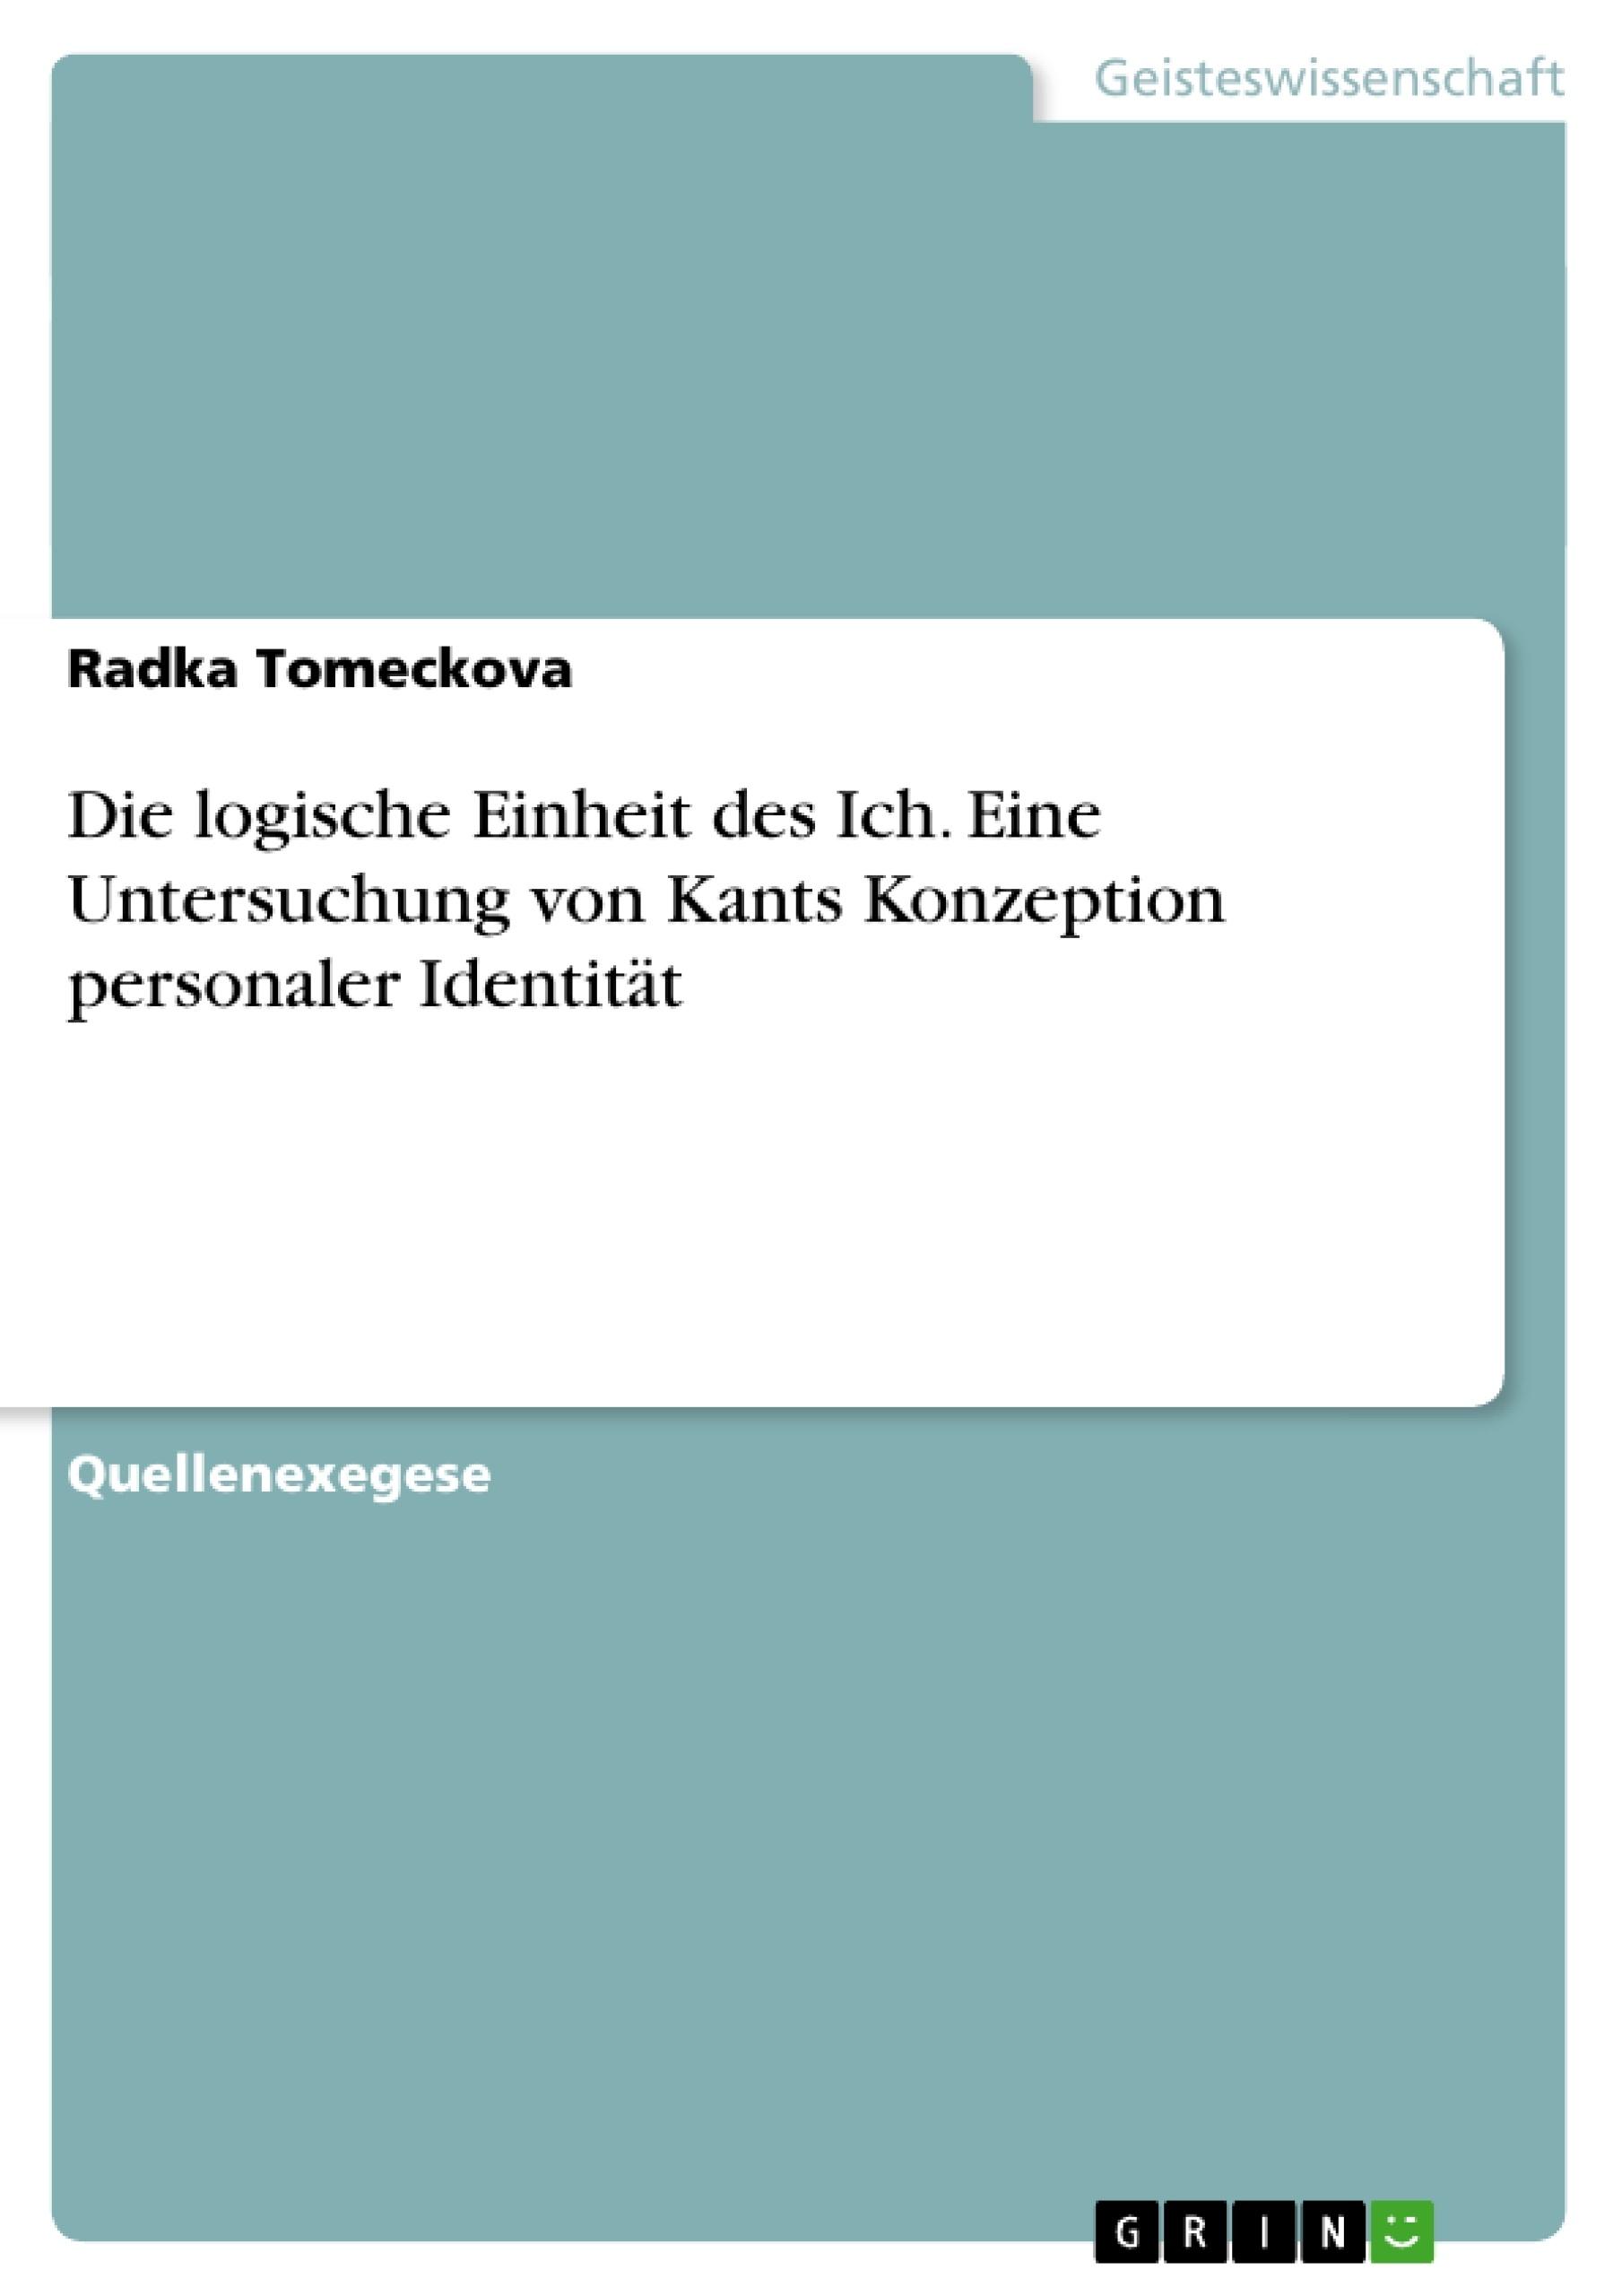 Titel: Die logische Einheit des Ich. Eine Untersuchung von Kants Konzeption personaler Identität